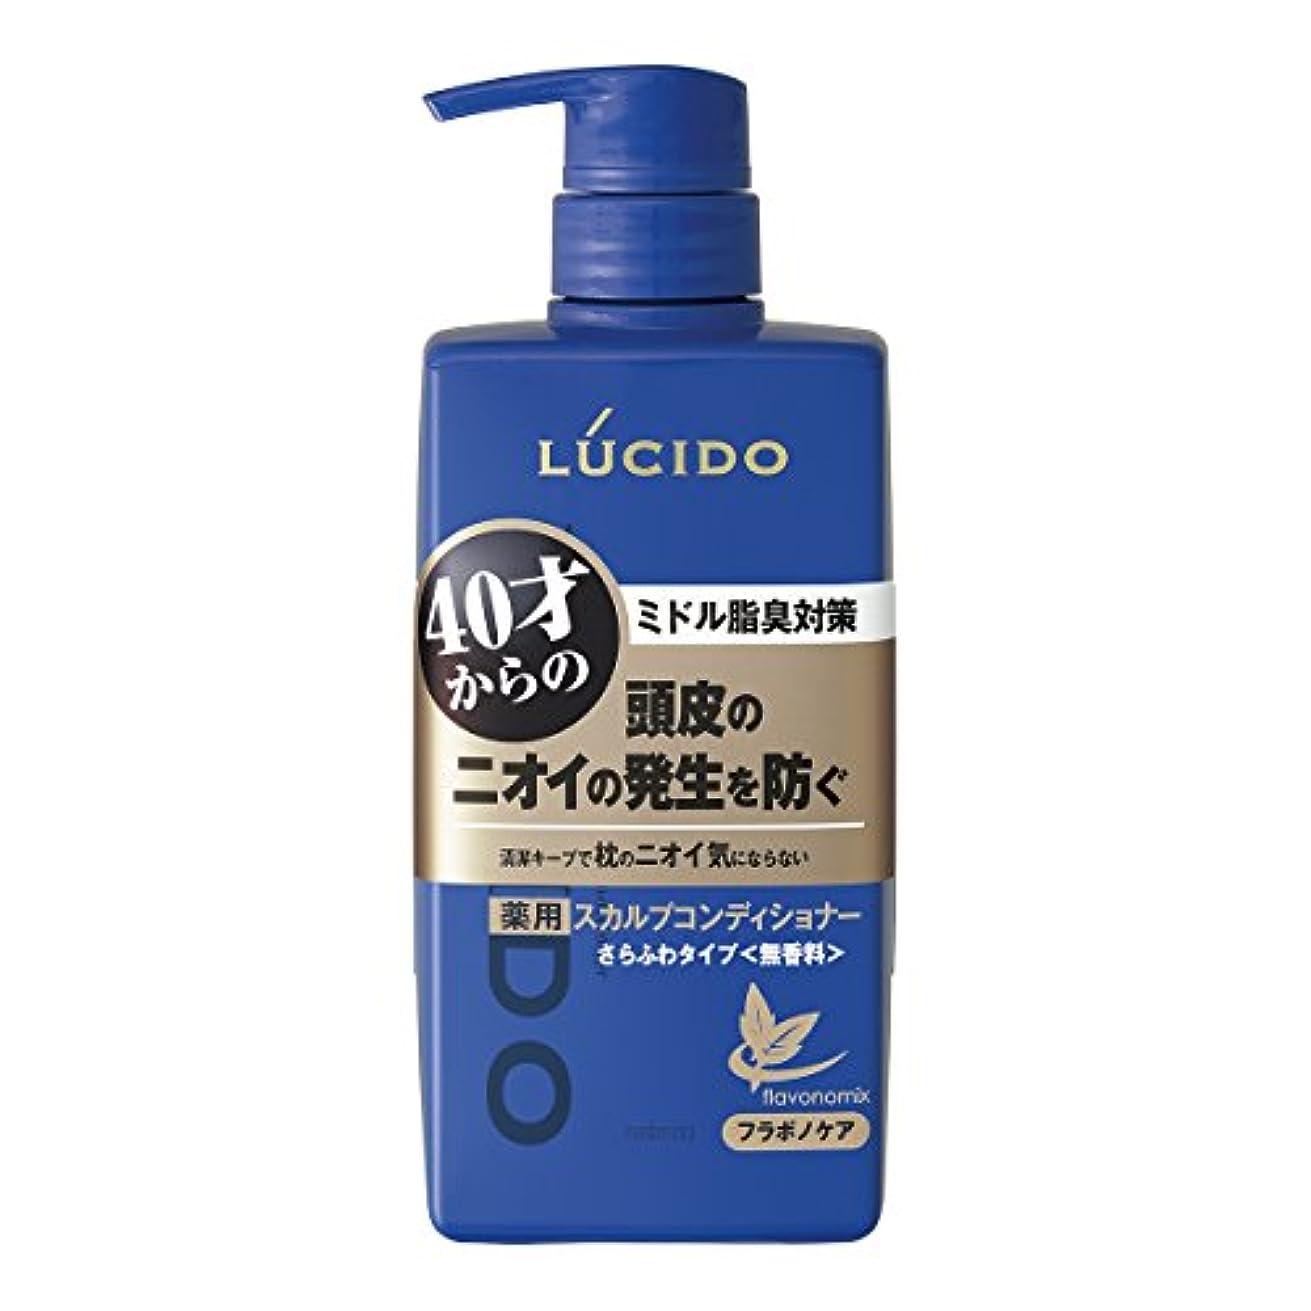 説得力のある欲求不満変装したルシード 薬用ヘア&スカルプコンディショナー 450g(医薬部外品)